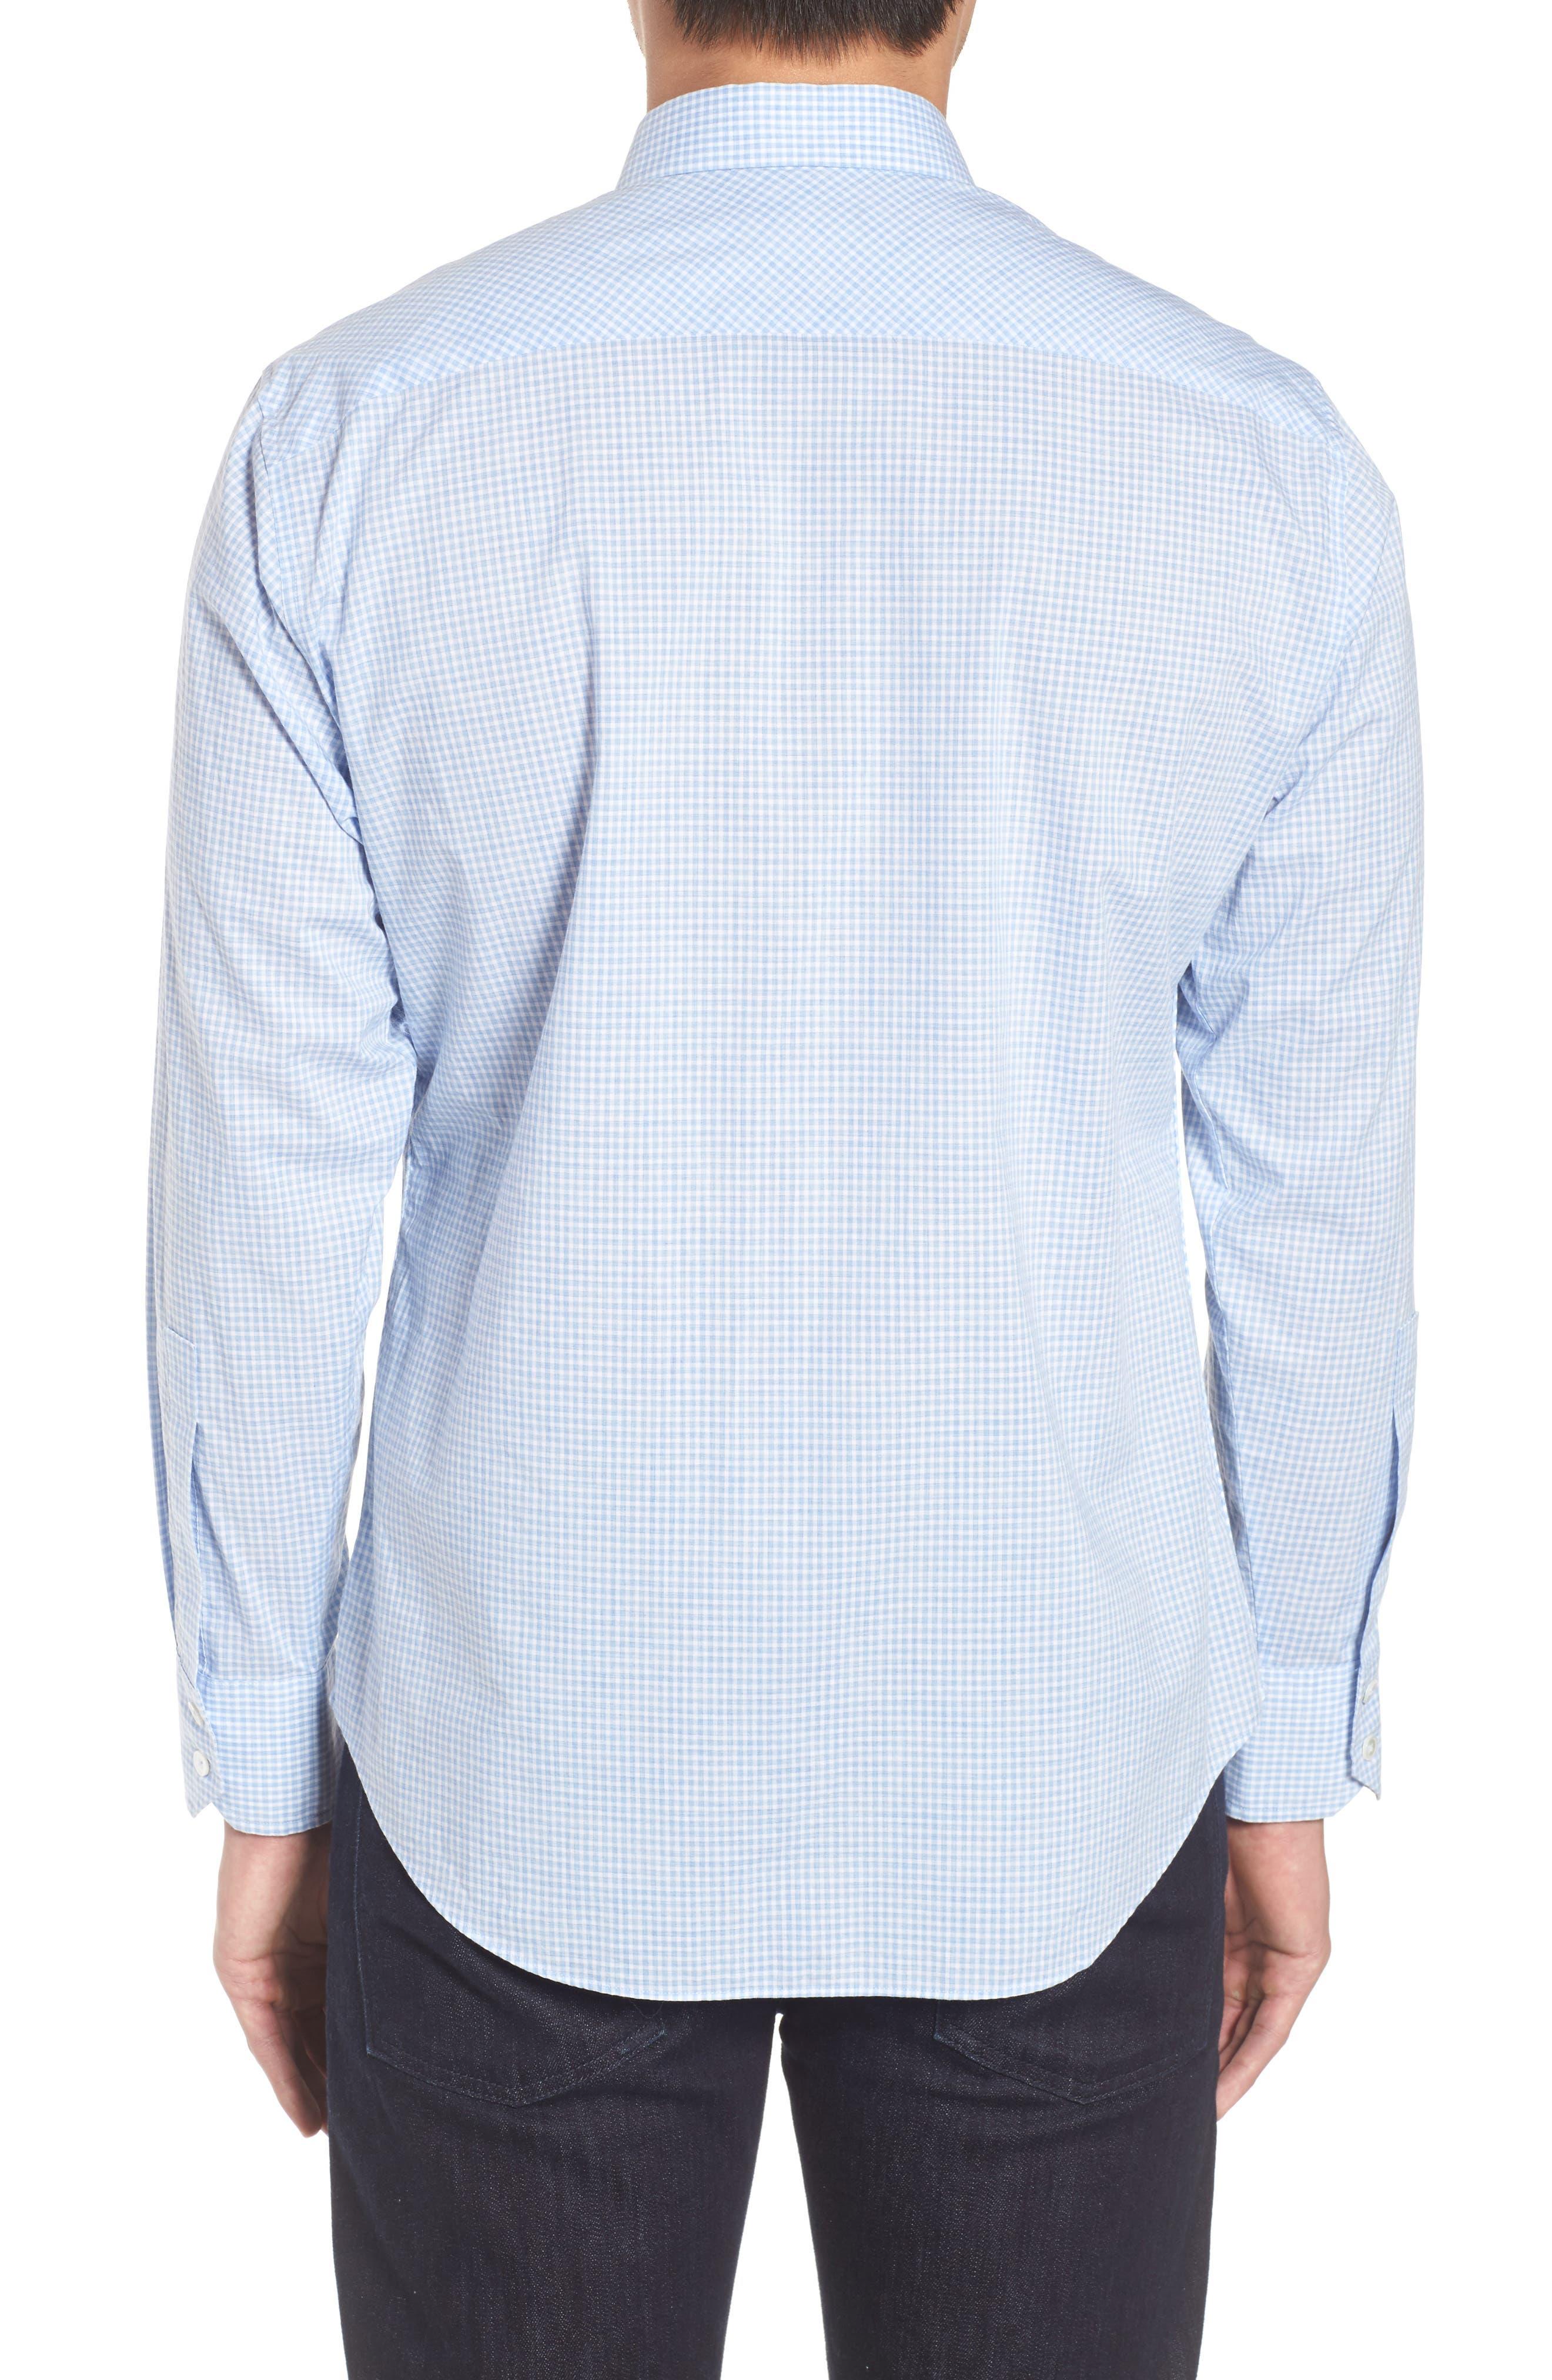 McGarry Gingham Sport Shirt,                             Alternate thumbnail 2, color,                             Light Blue